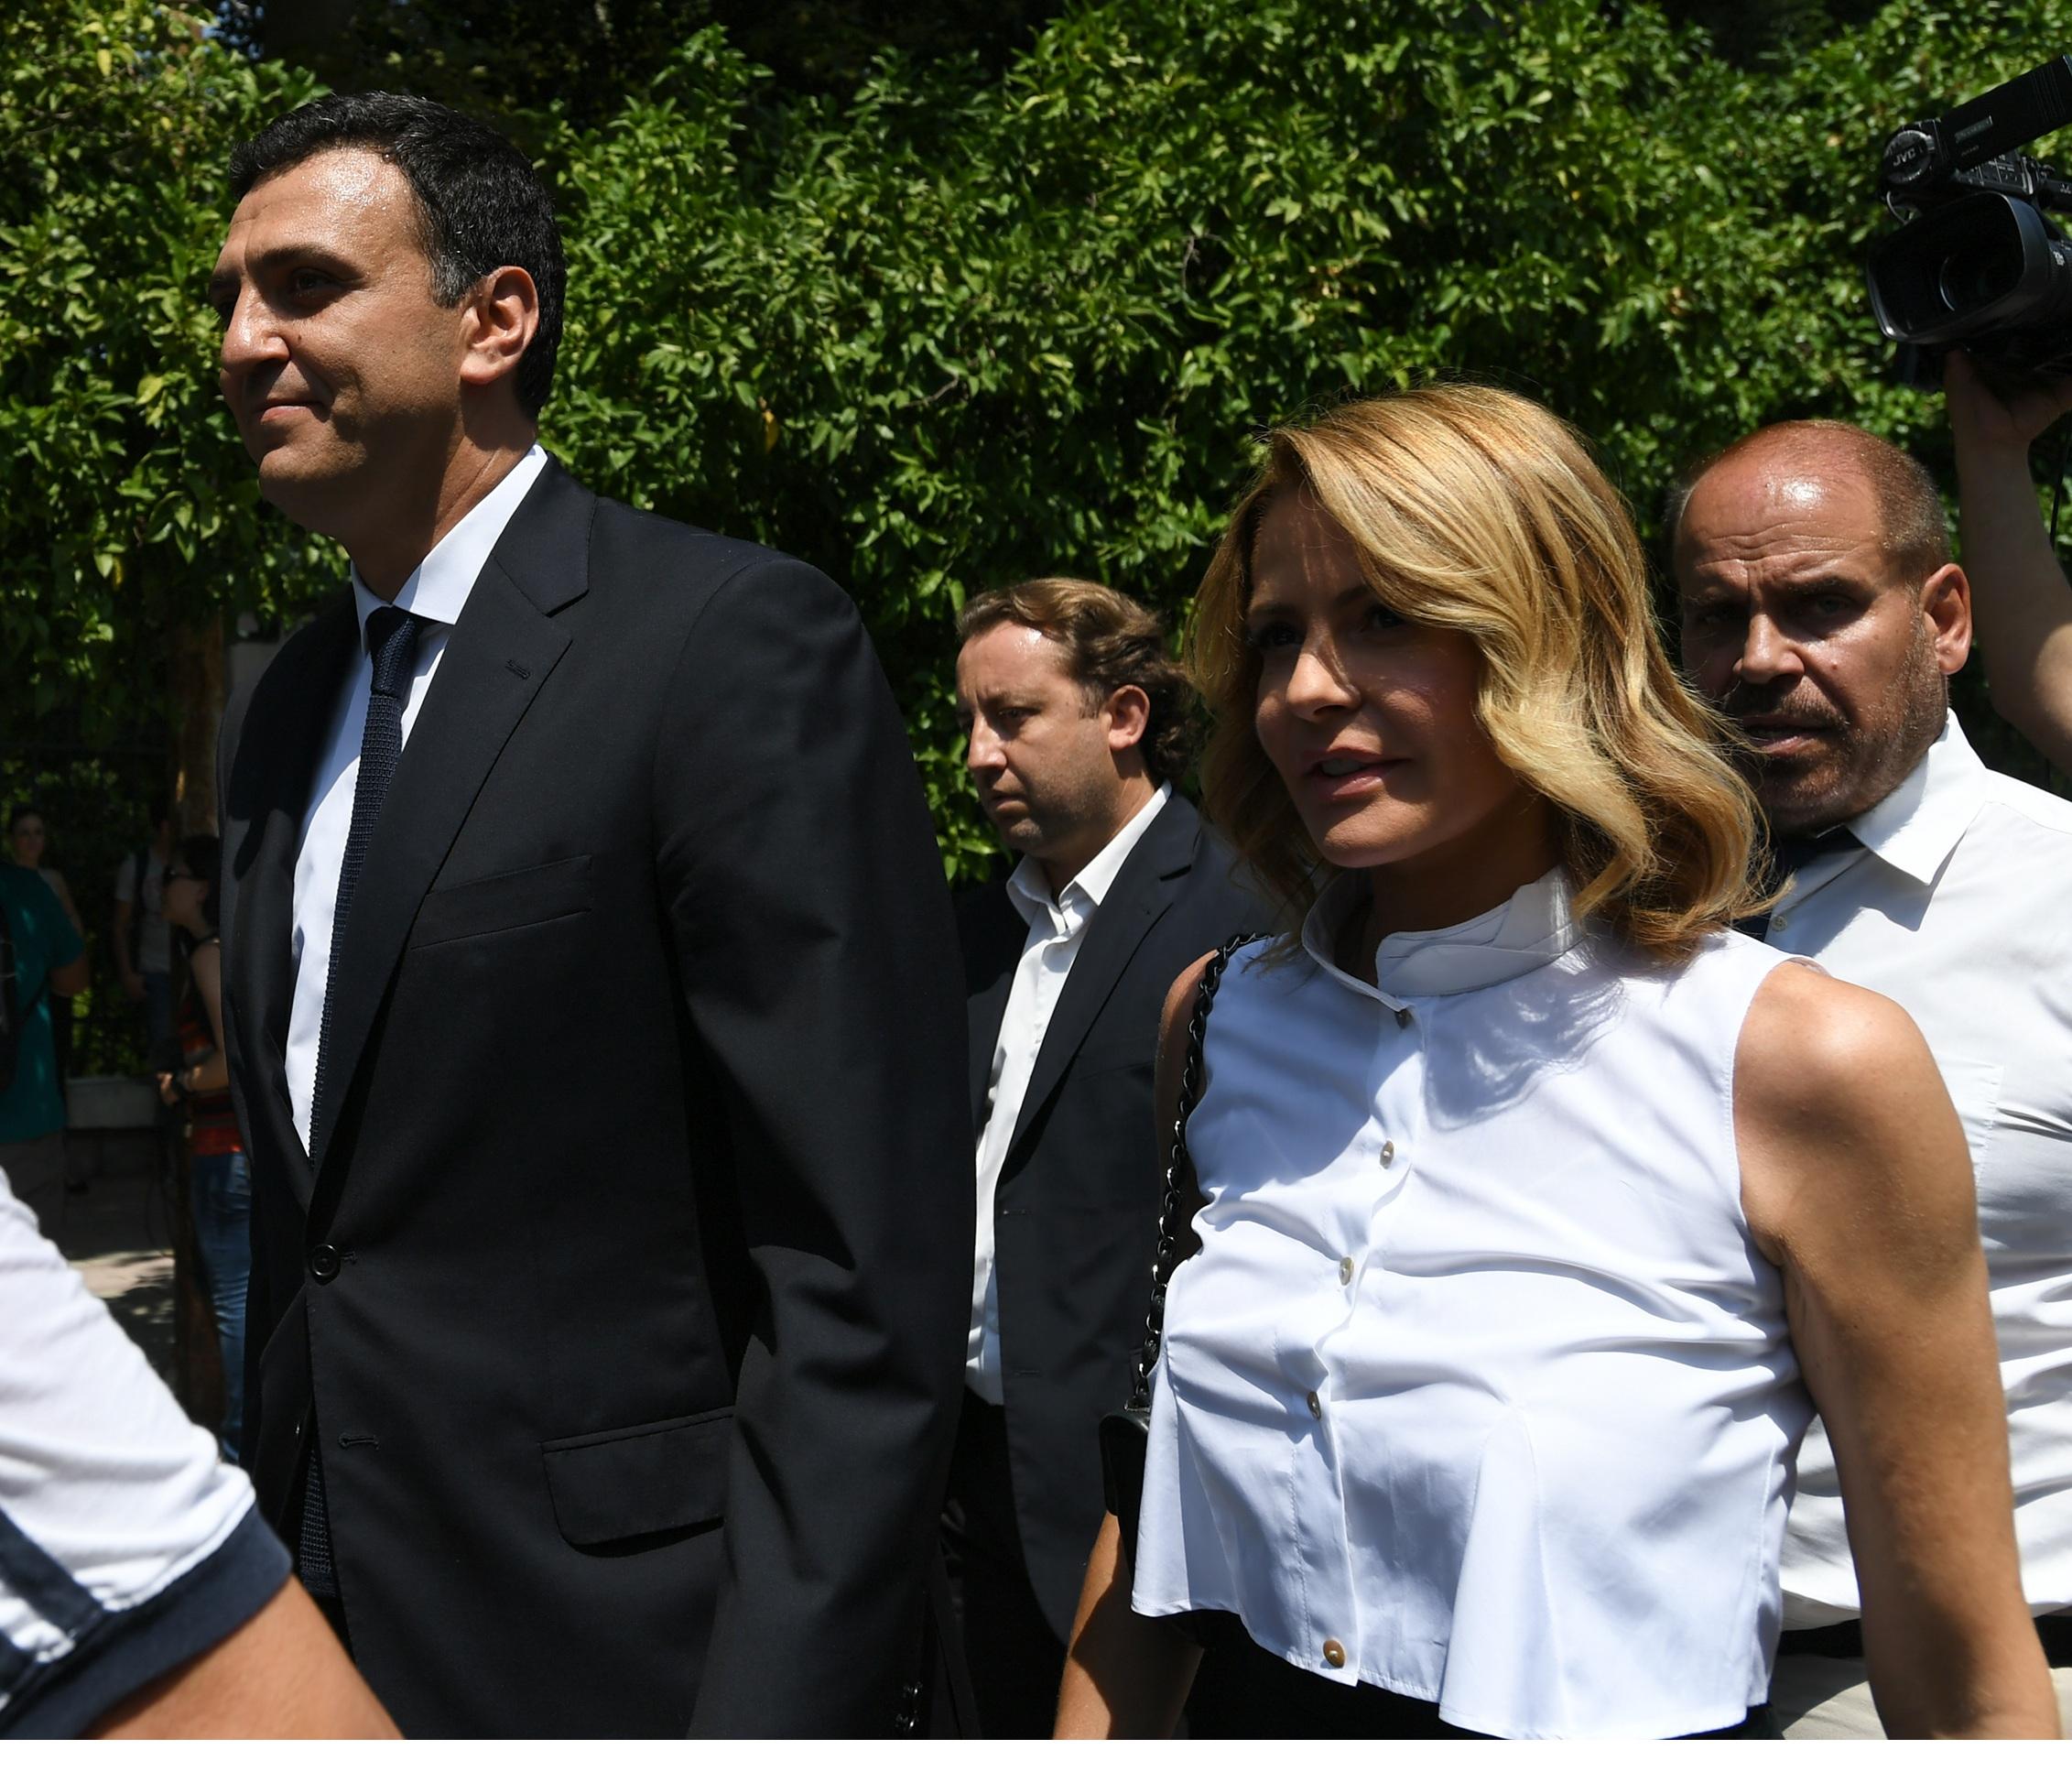 Τζένη Μπαλατσινού και Ευγενία Μανωλίδου, κομψές στην ορκωμοσία της νέας κυβέρνησης! [pics,vid]